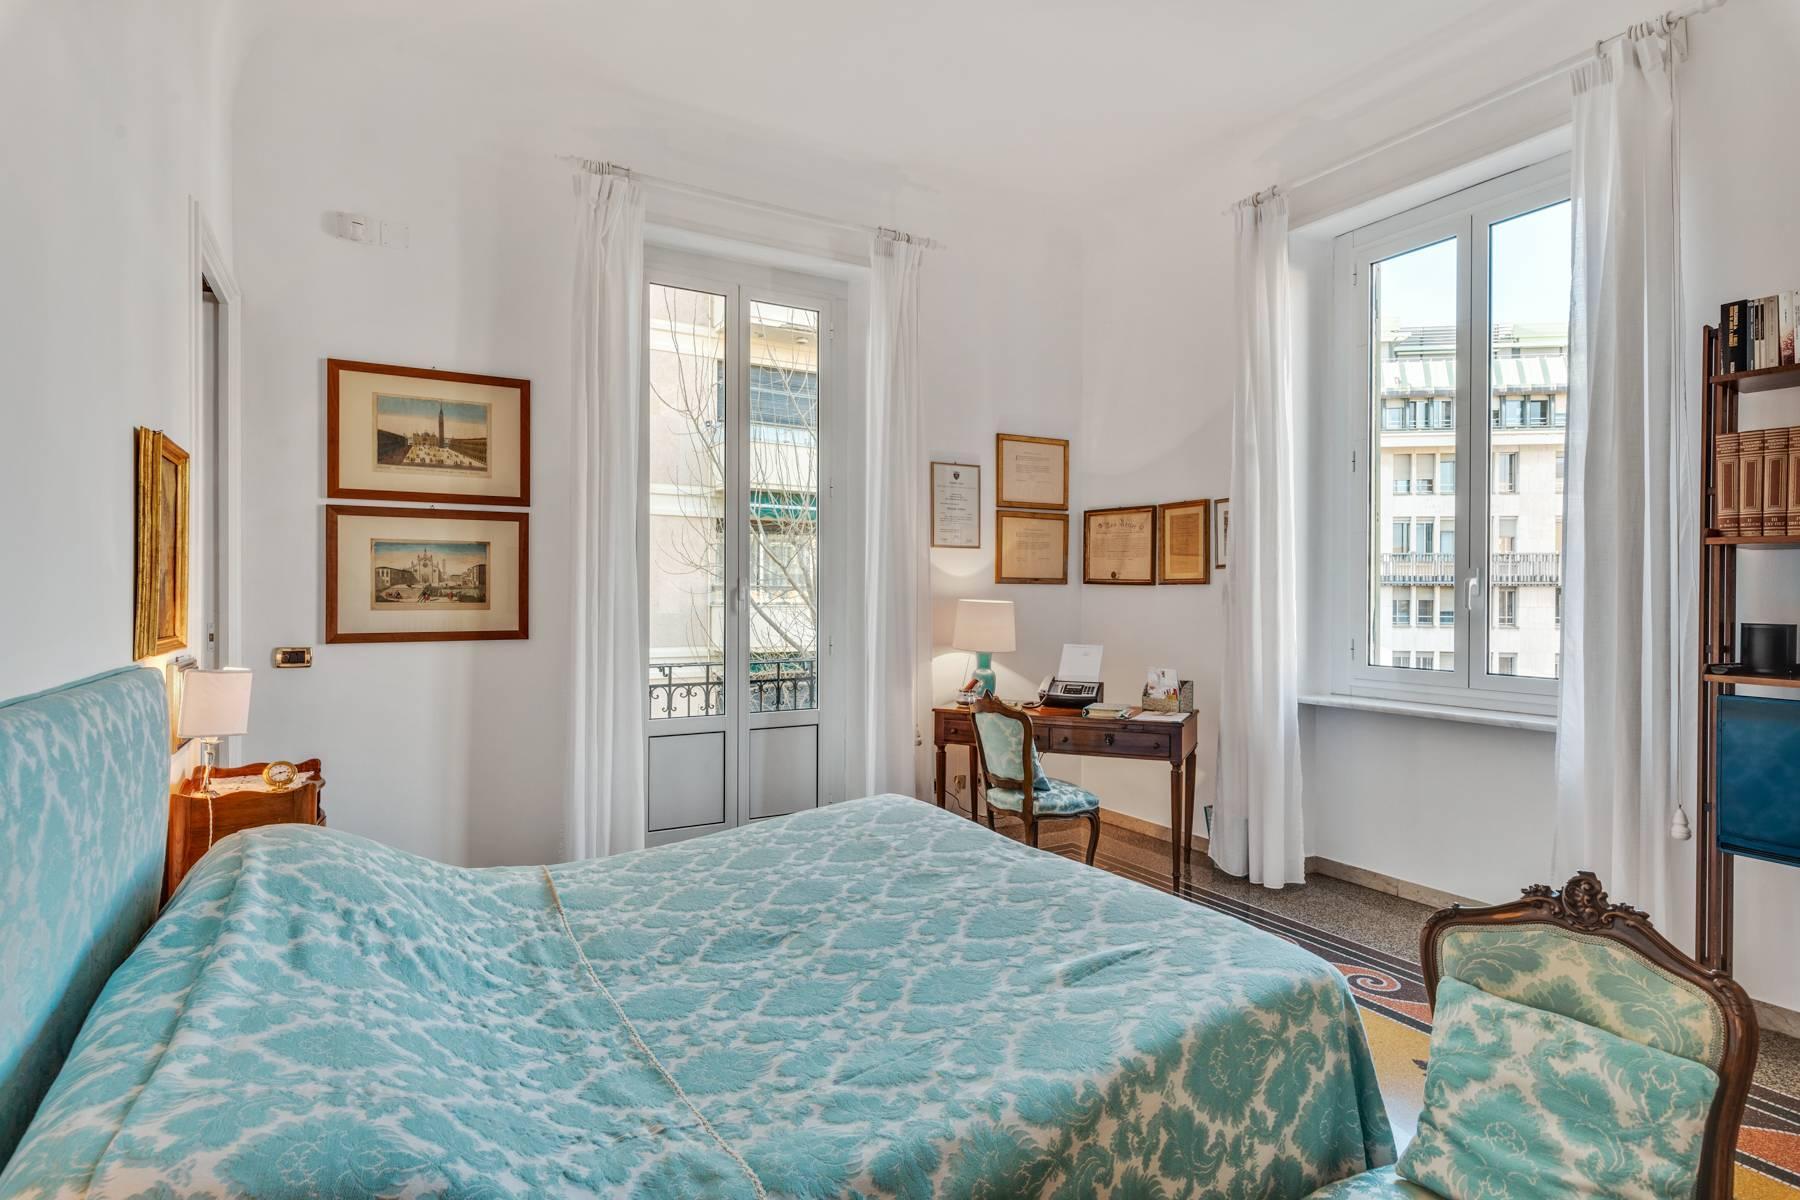 Elegante 275 qm Wohnung im antiken Palast in Carignano - 15